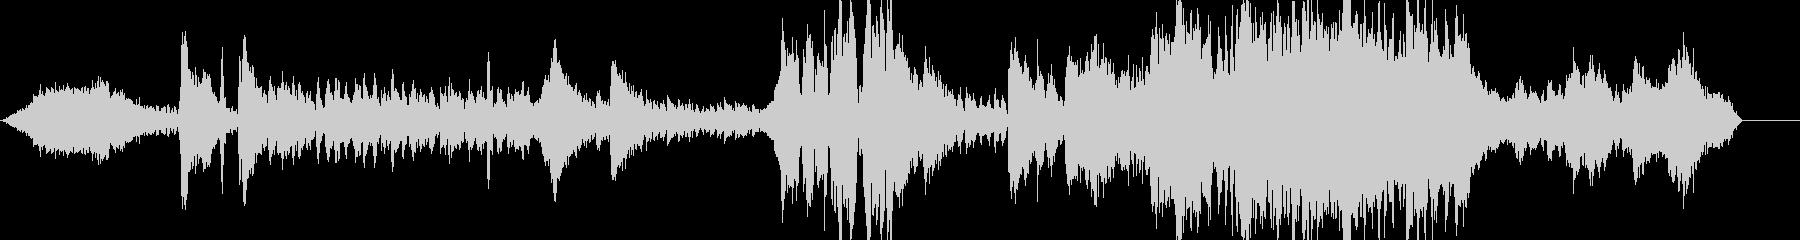 オーケストラ ミディアムテンポ 緊張感の未再生の波形